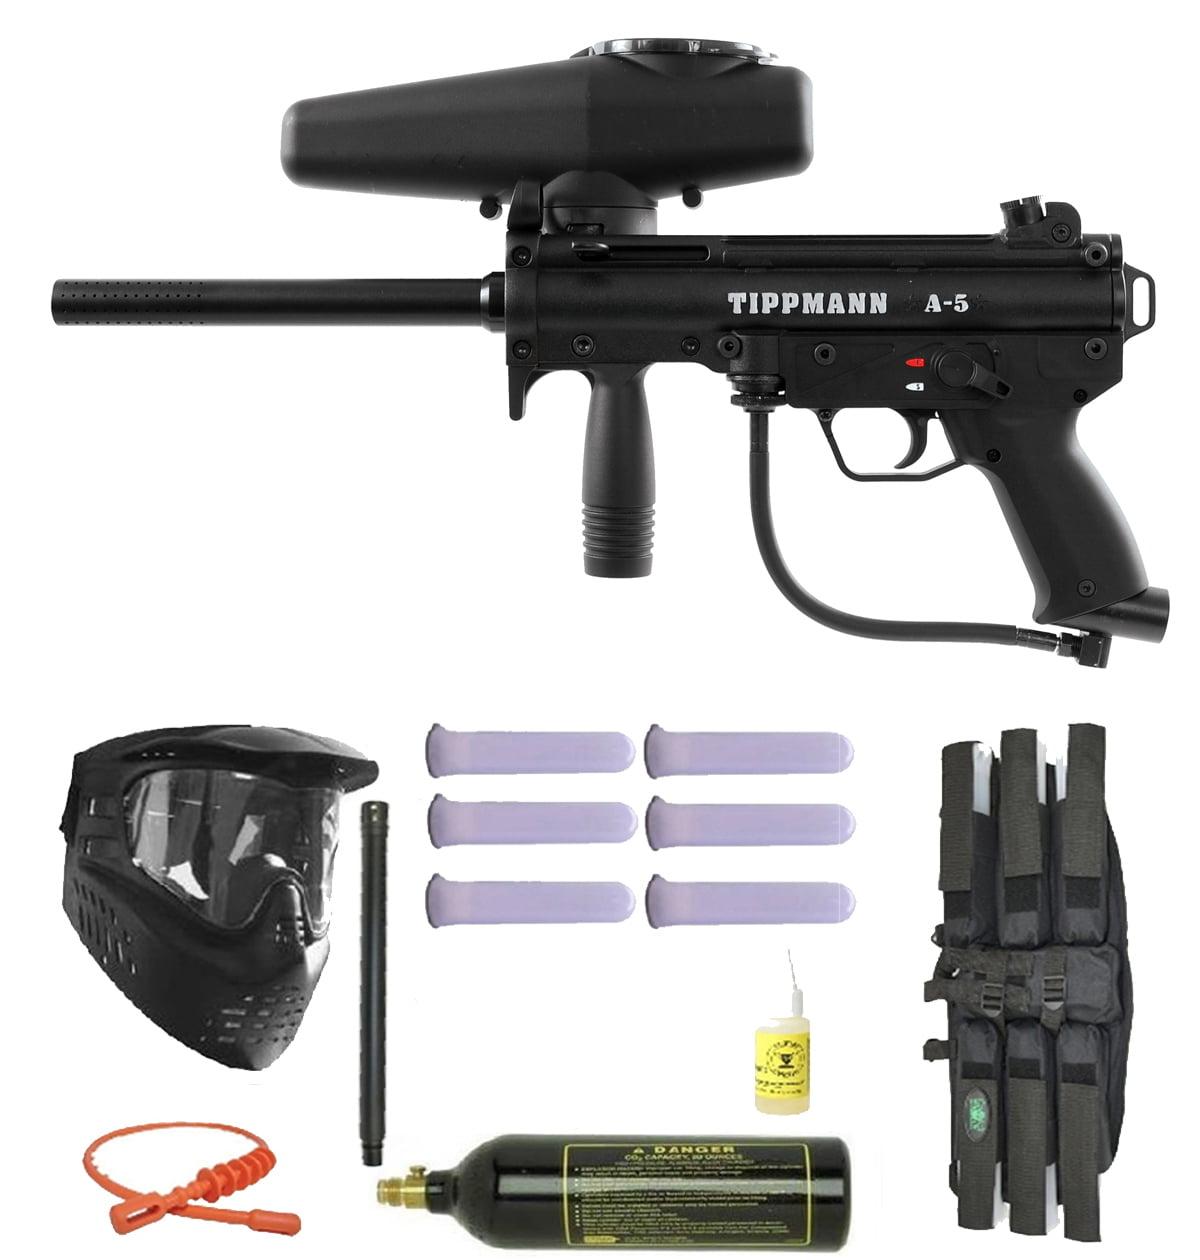 Click here to buy Tippmann A-5 Paintball Marker Gun 3Skull Super Mega Set.